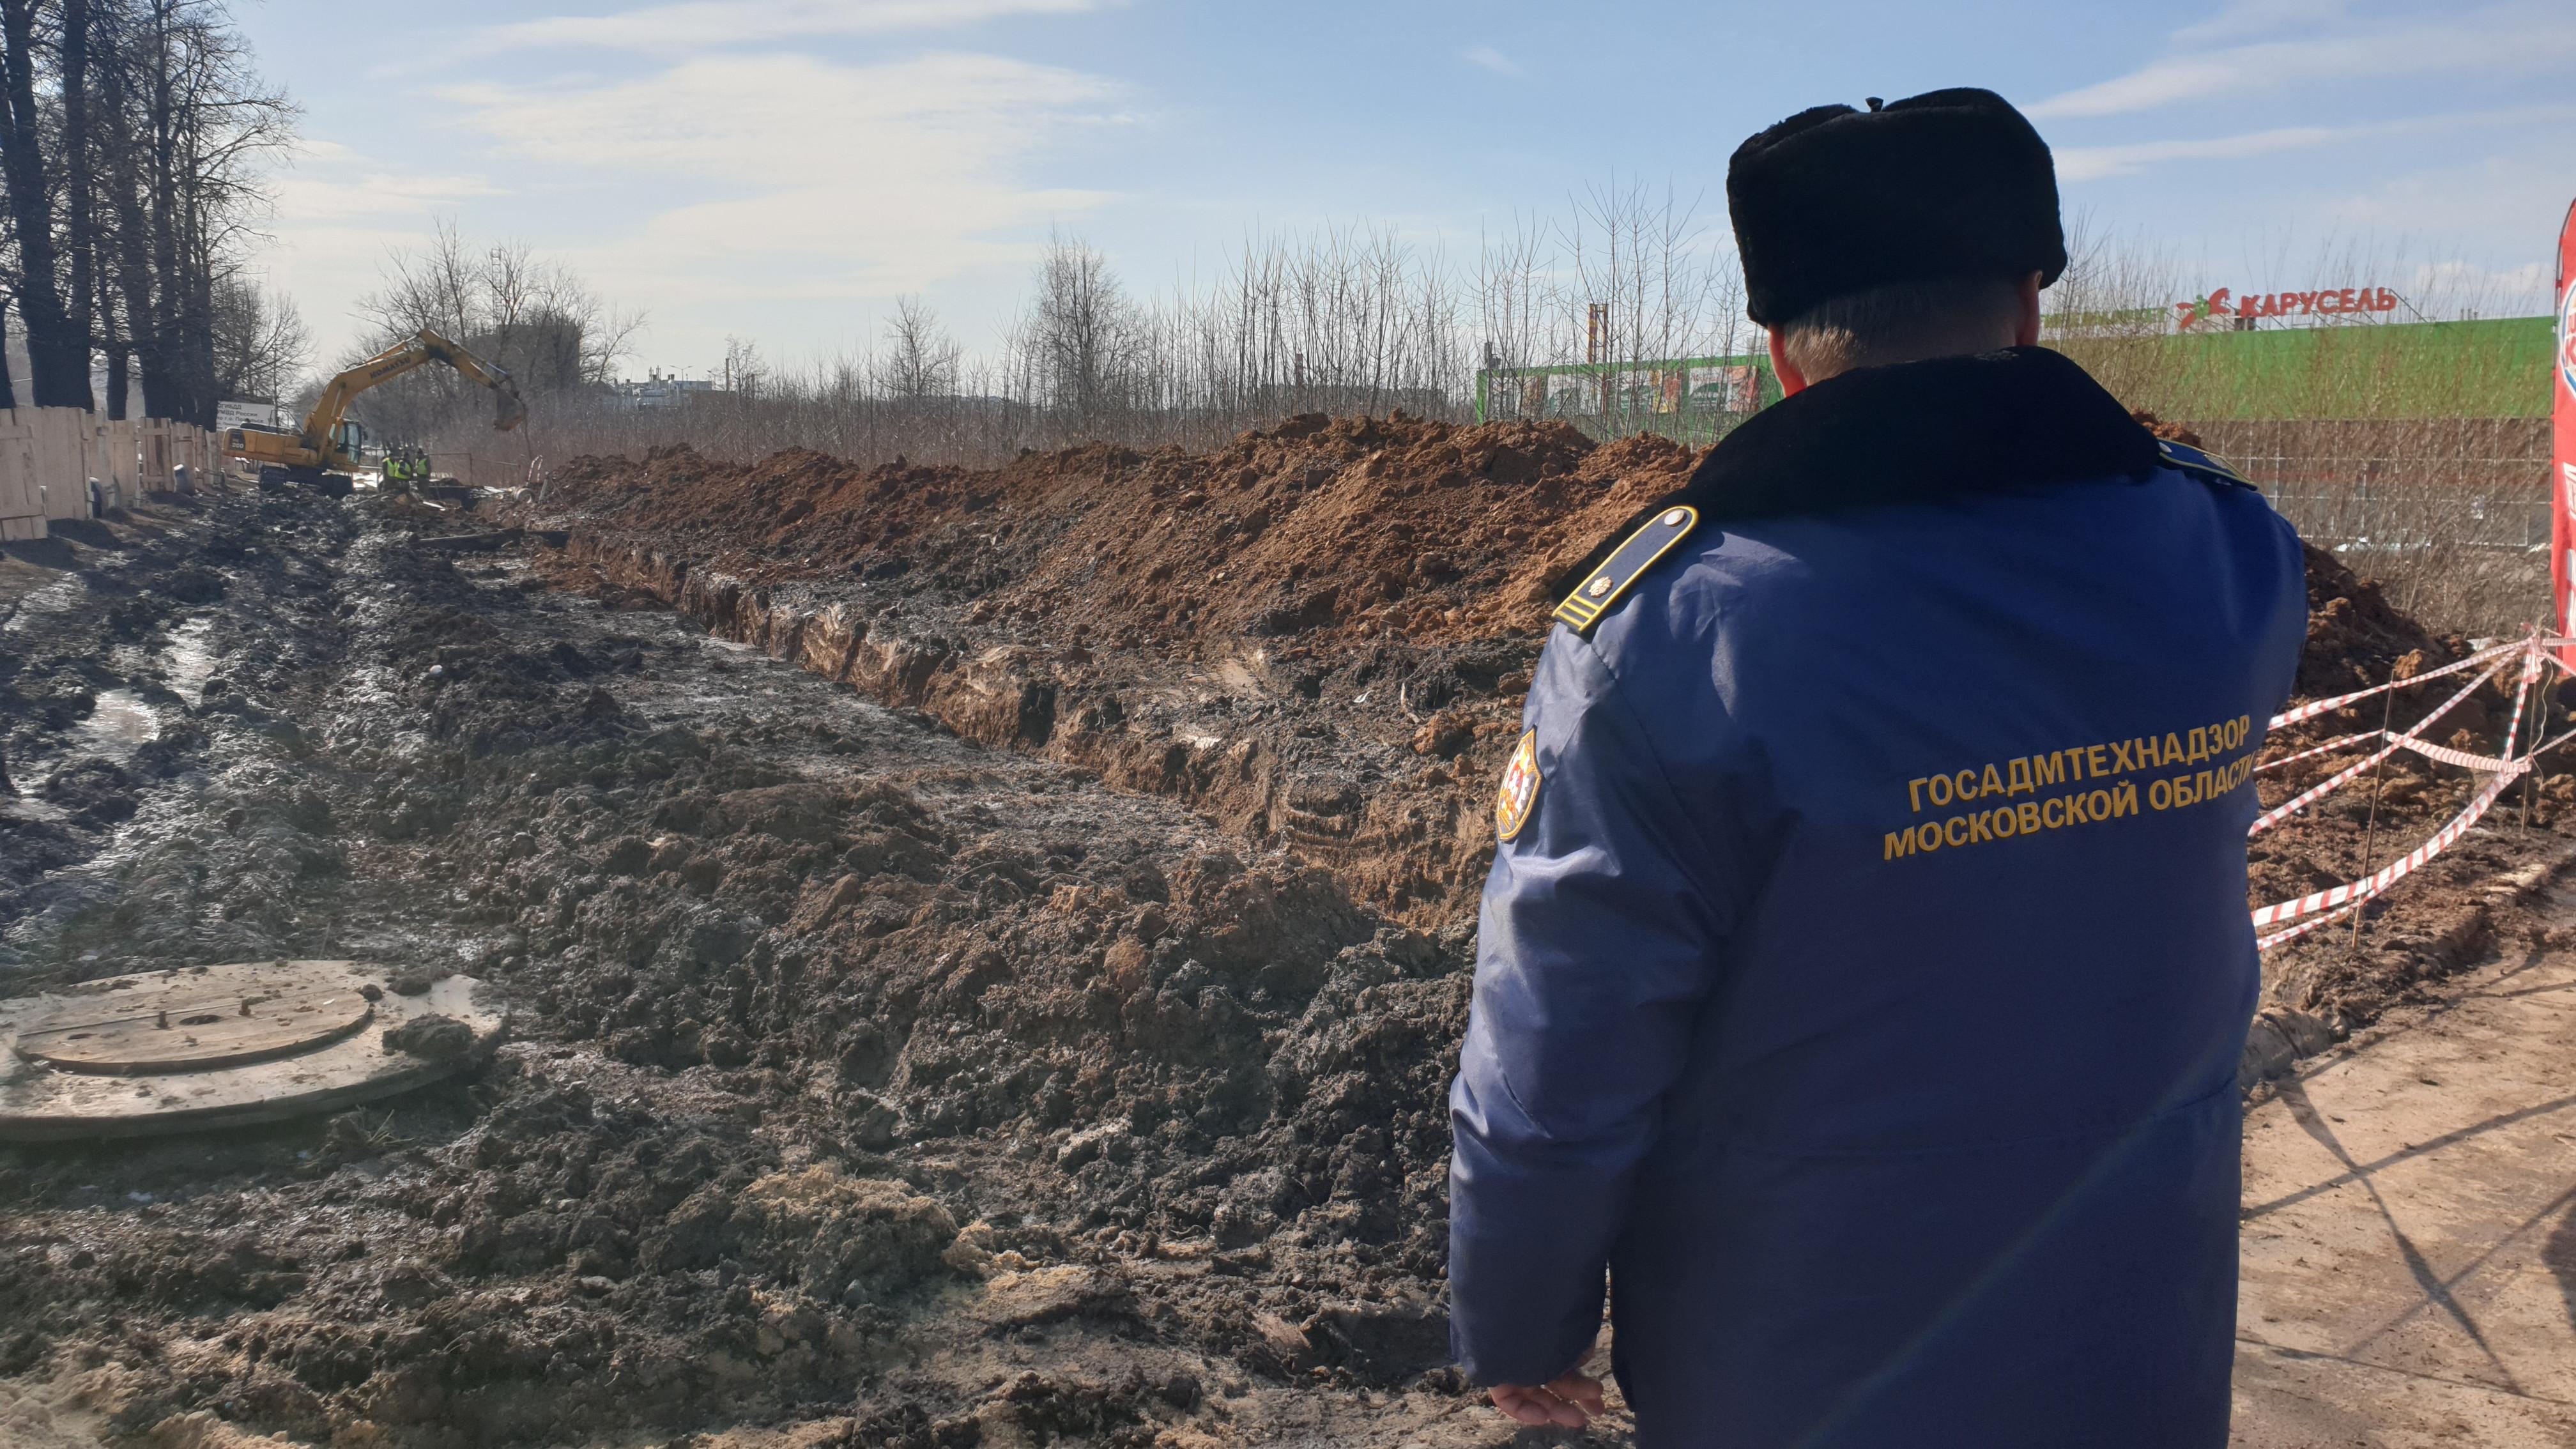 Госадмтехнадзор проверяет место проведения земляных работ